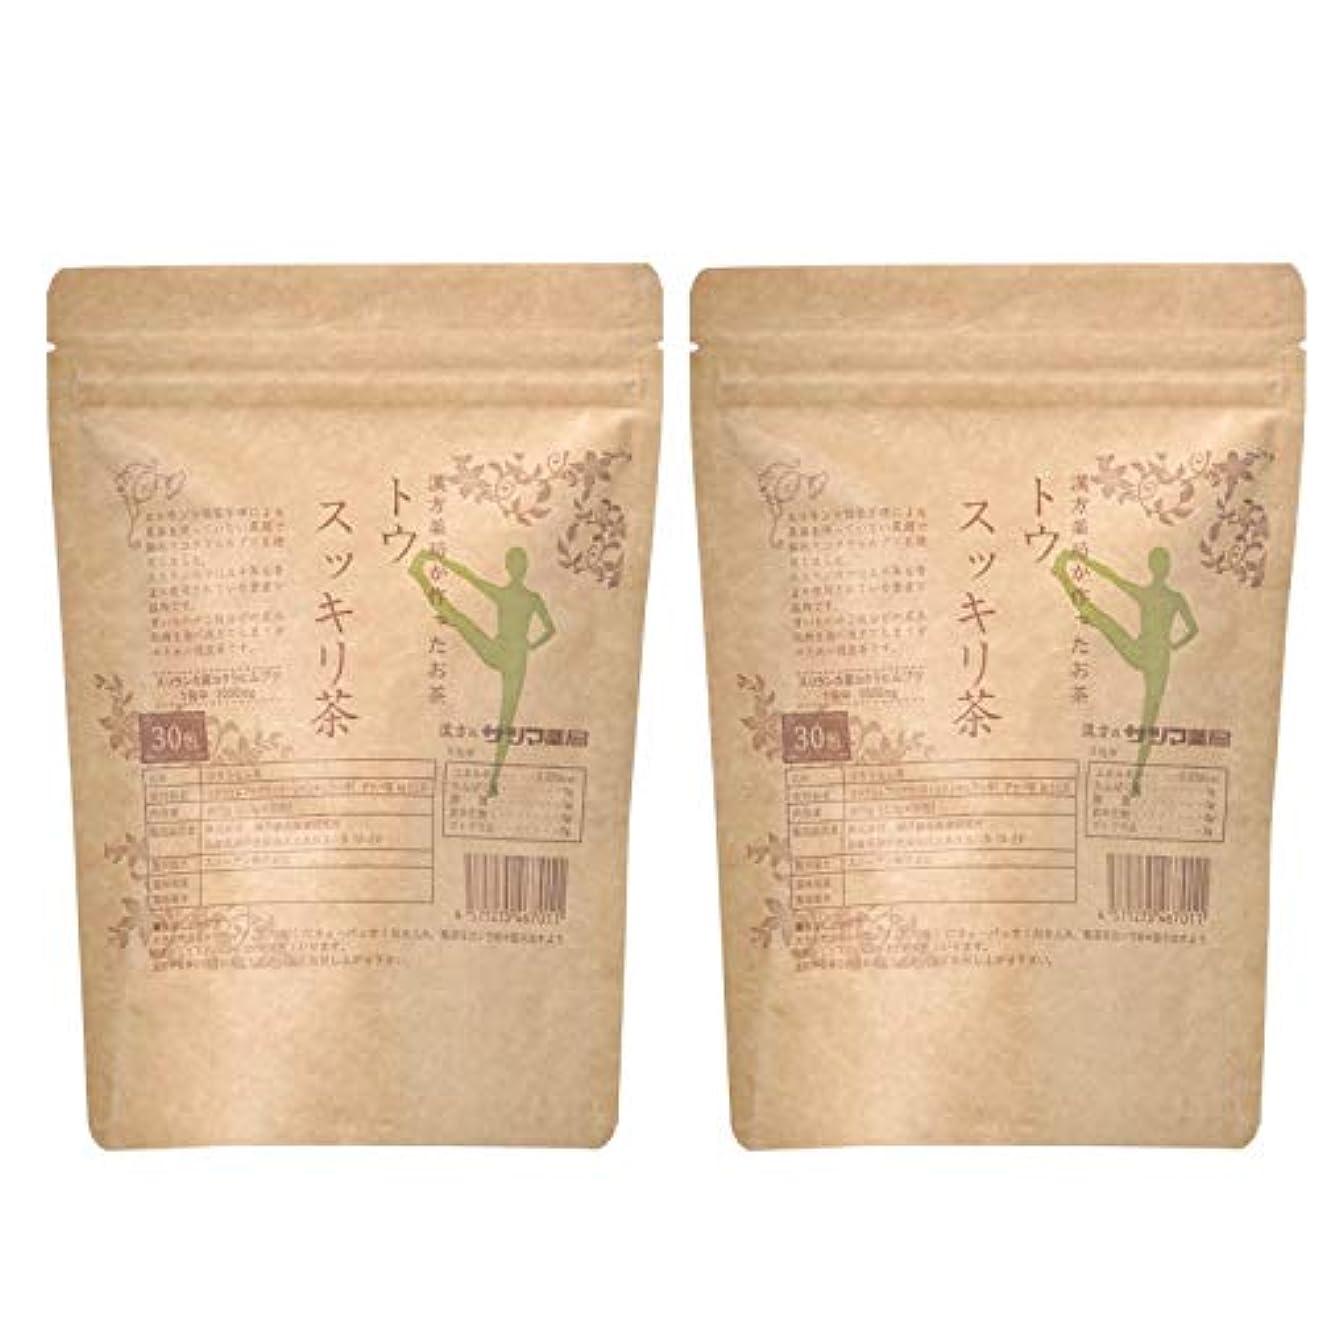 動脈そう終了しましたサツマ薬局 ダイエットティー トウスッキリ茶 60包(30包×2) ティーパック 高濃度コタラヒム茶 ほうじ茶